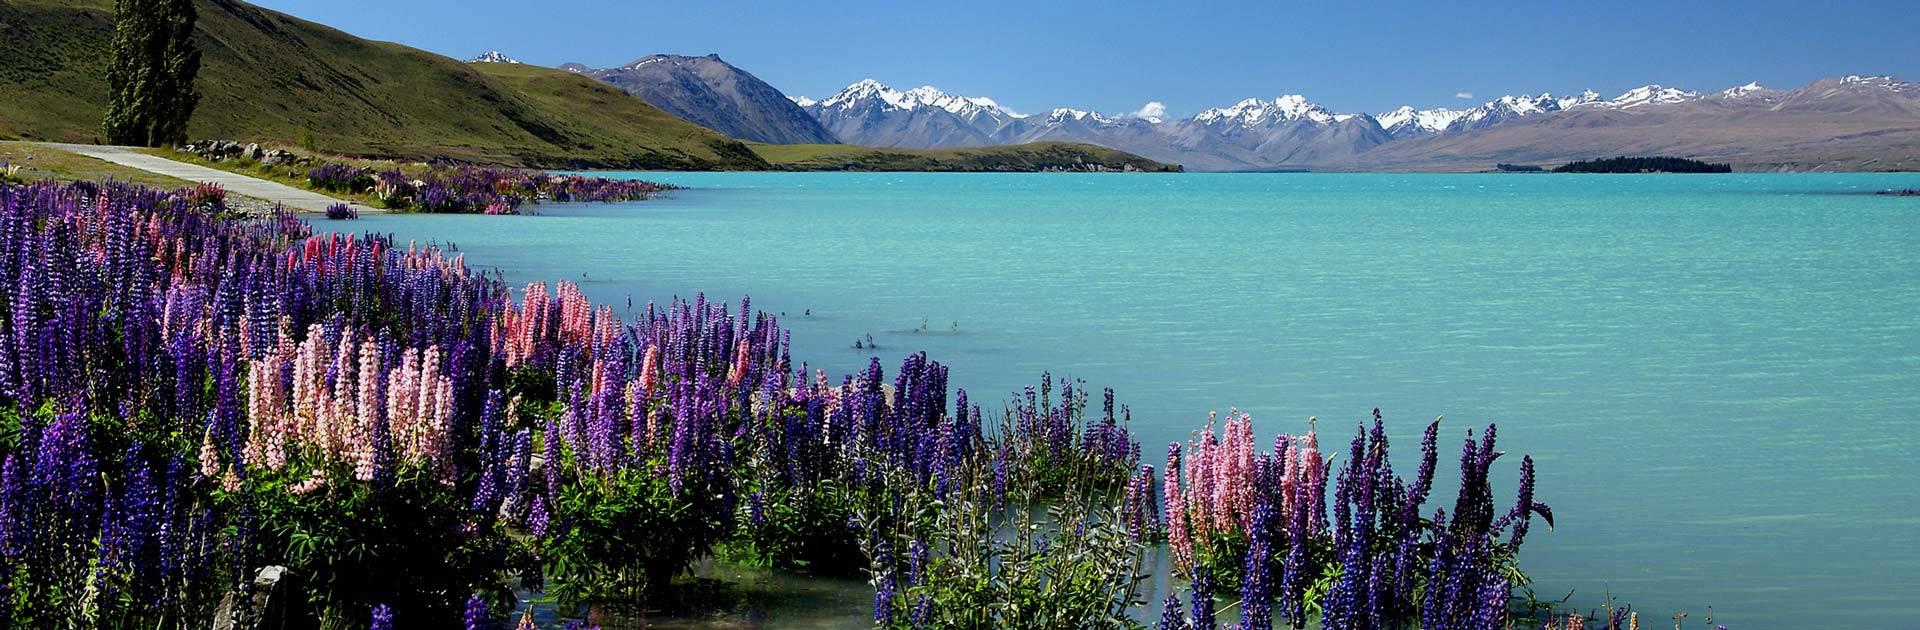 NZ Nueva Zelanda y Fiji 24 días 2